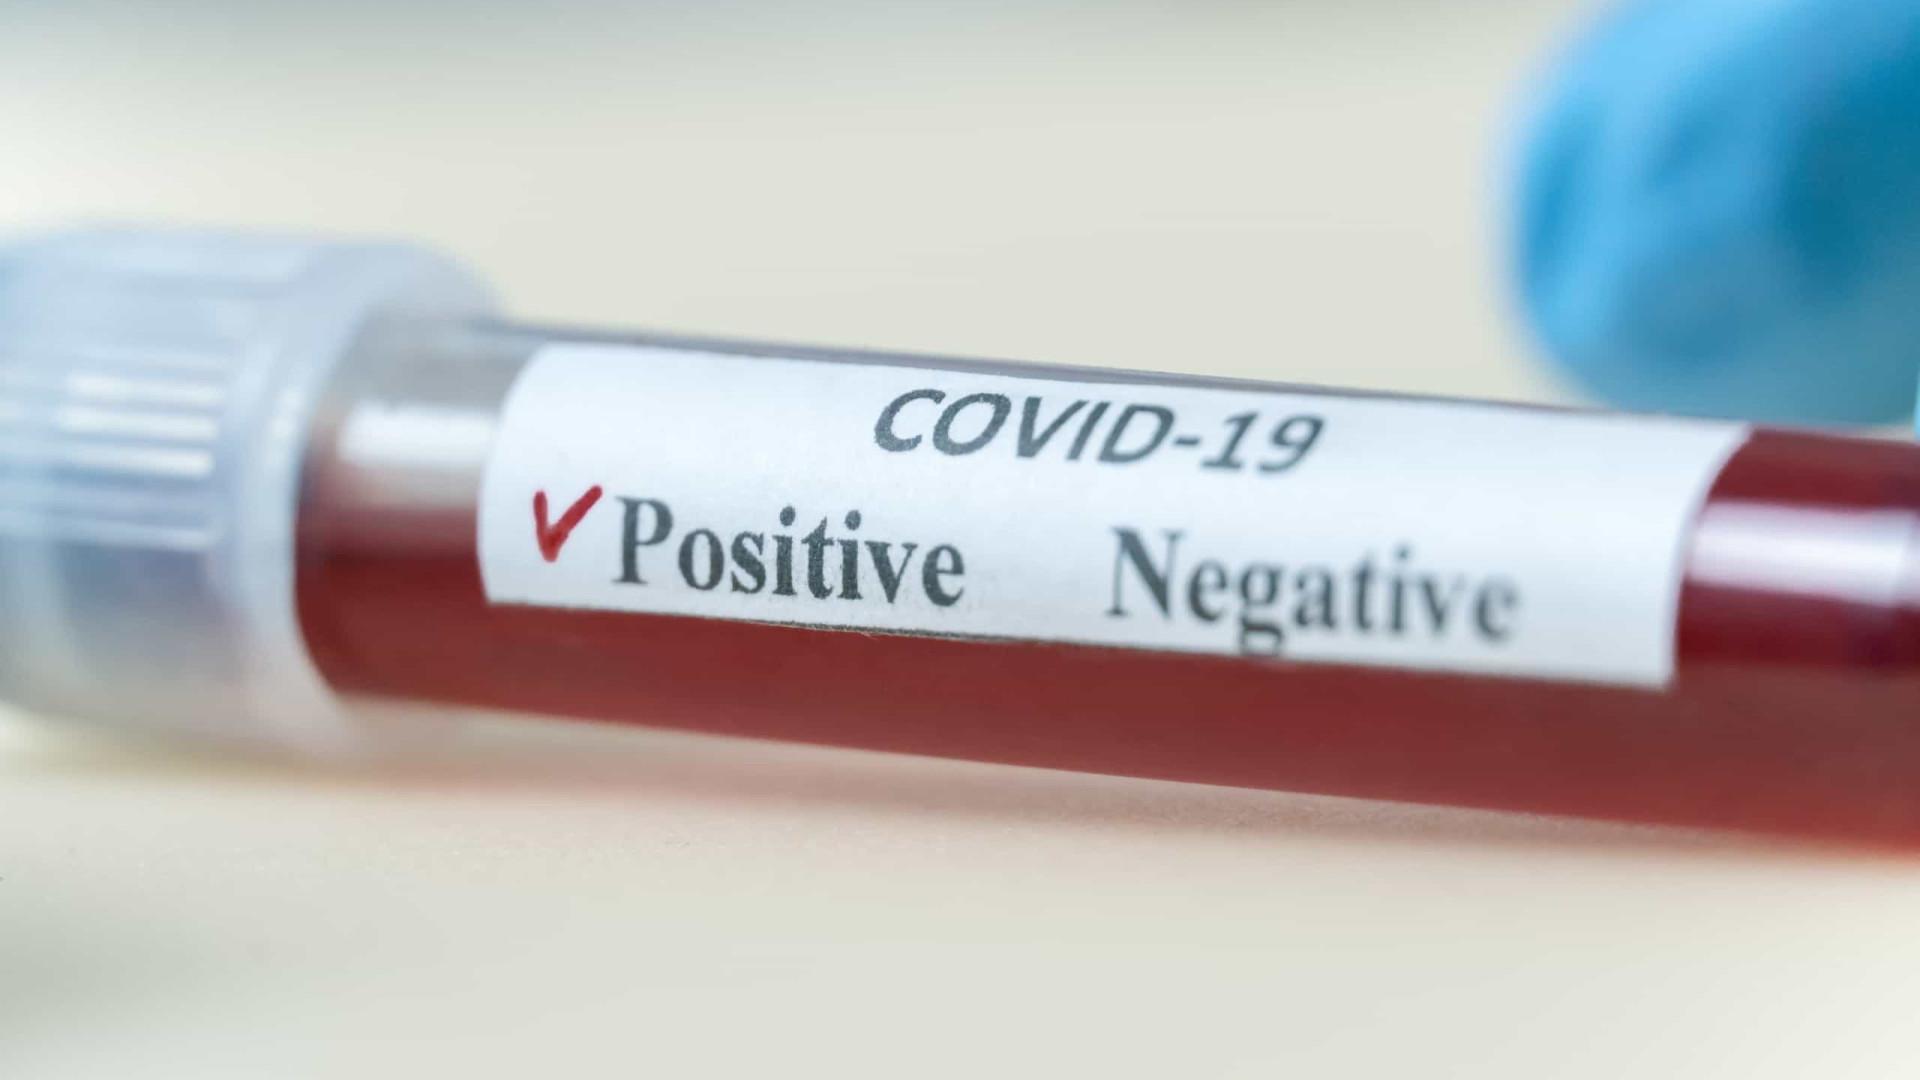 Cientistas criam teste capaz de detectar coronavírus em menos de 5 minutos